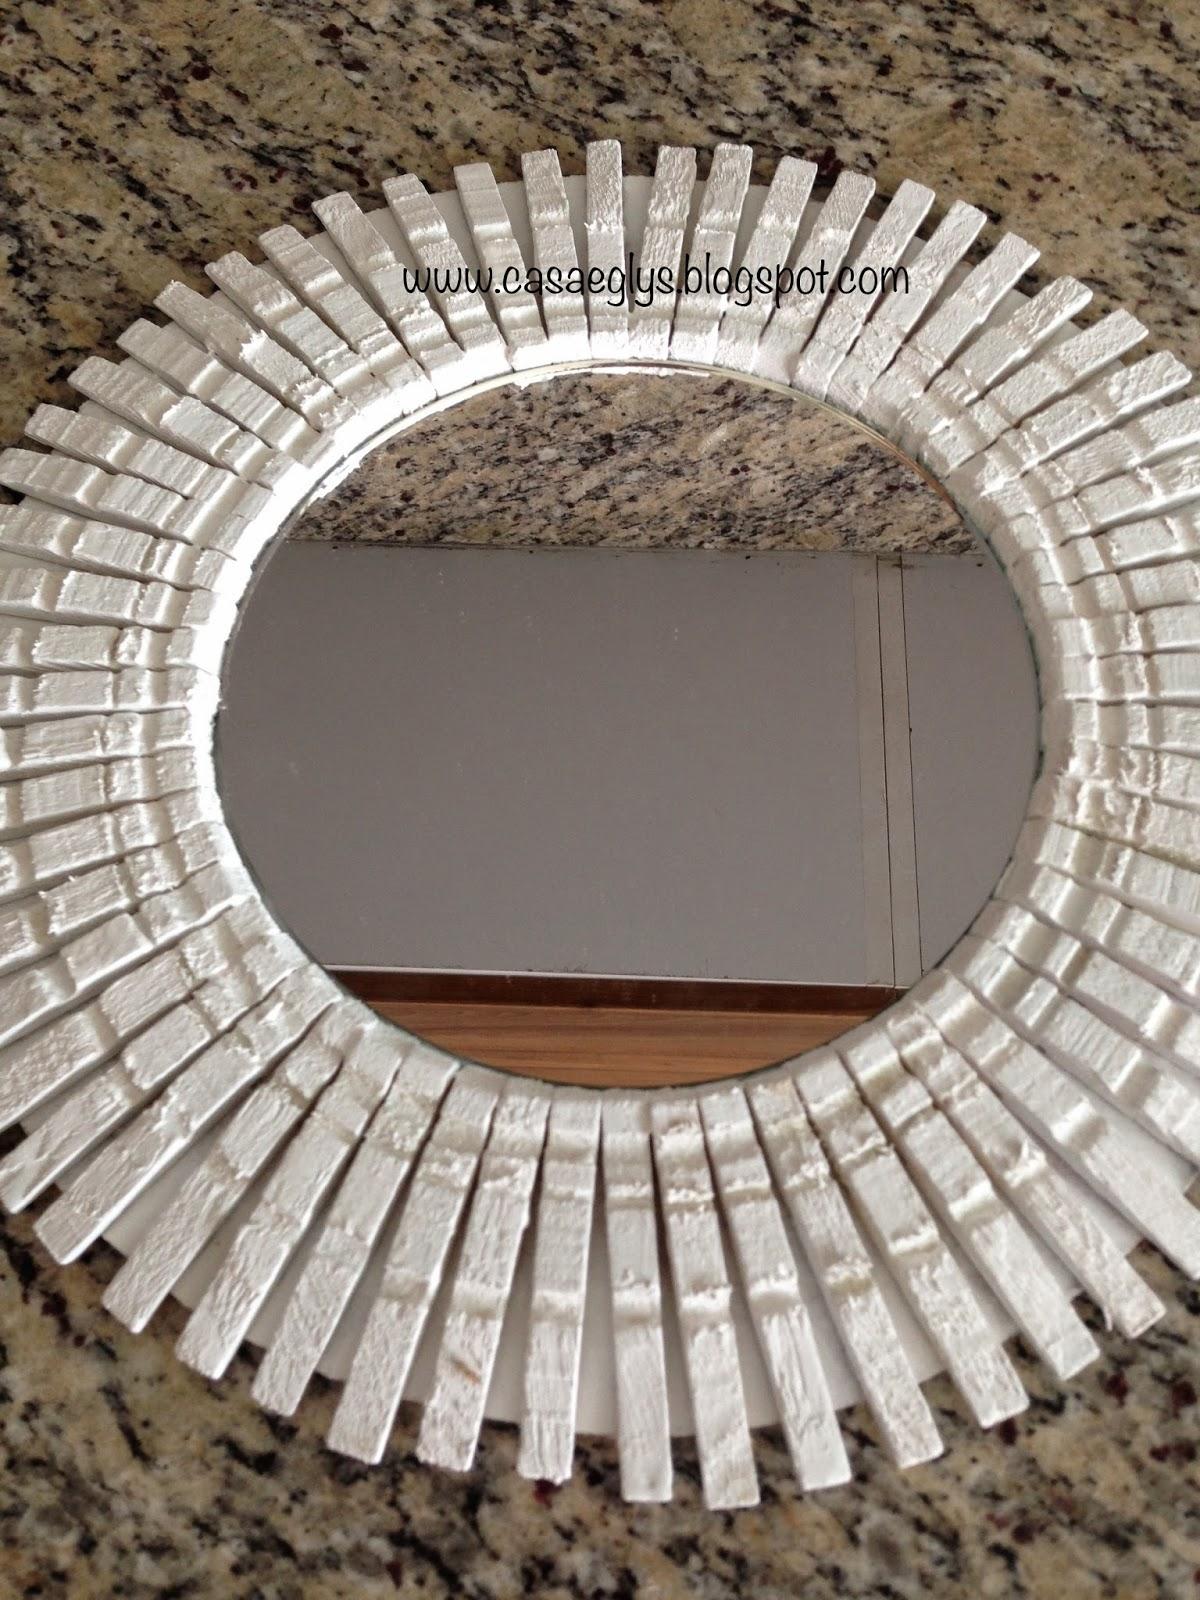 Casa eglys diy corona de pinzas de madera for Espejo que se rompe solo